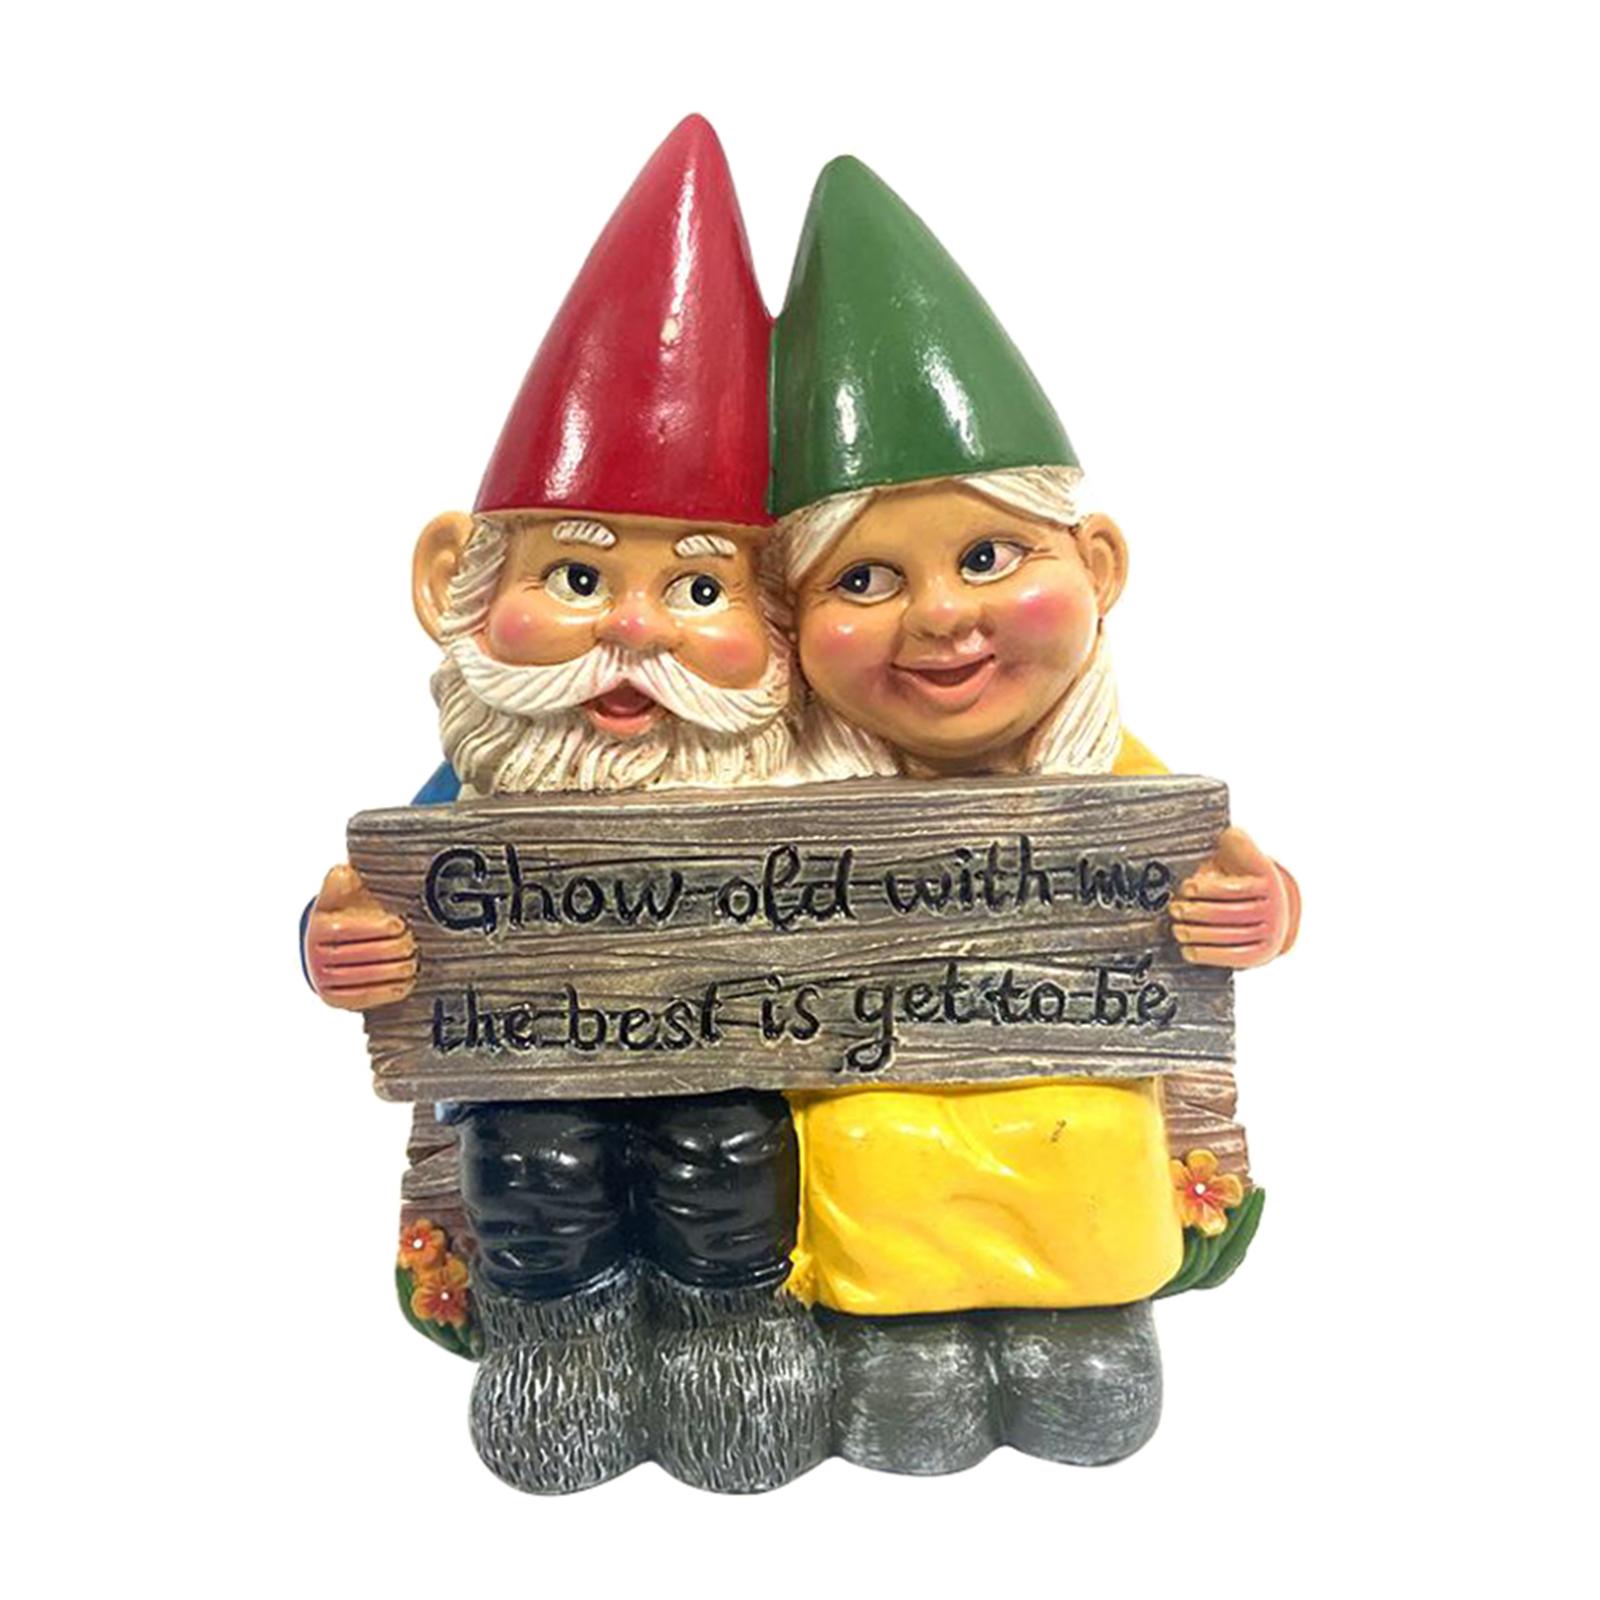 thumbnail 27 - Garden Gnome Polyresin Garden Sculpture Outdoor/Indoor Decor Funny Lawn Figurine